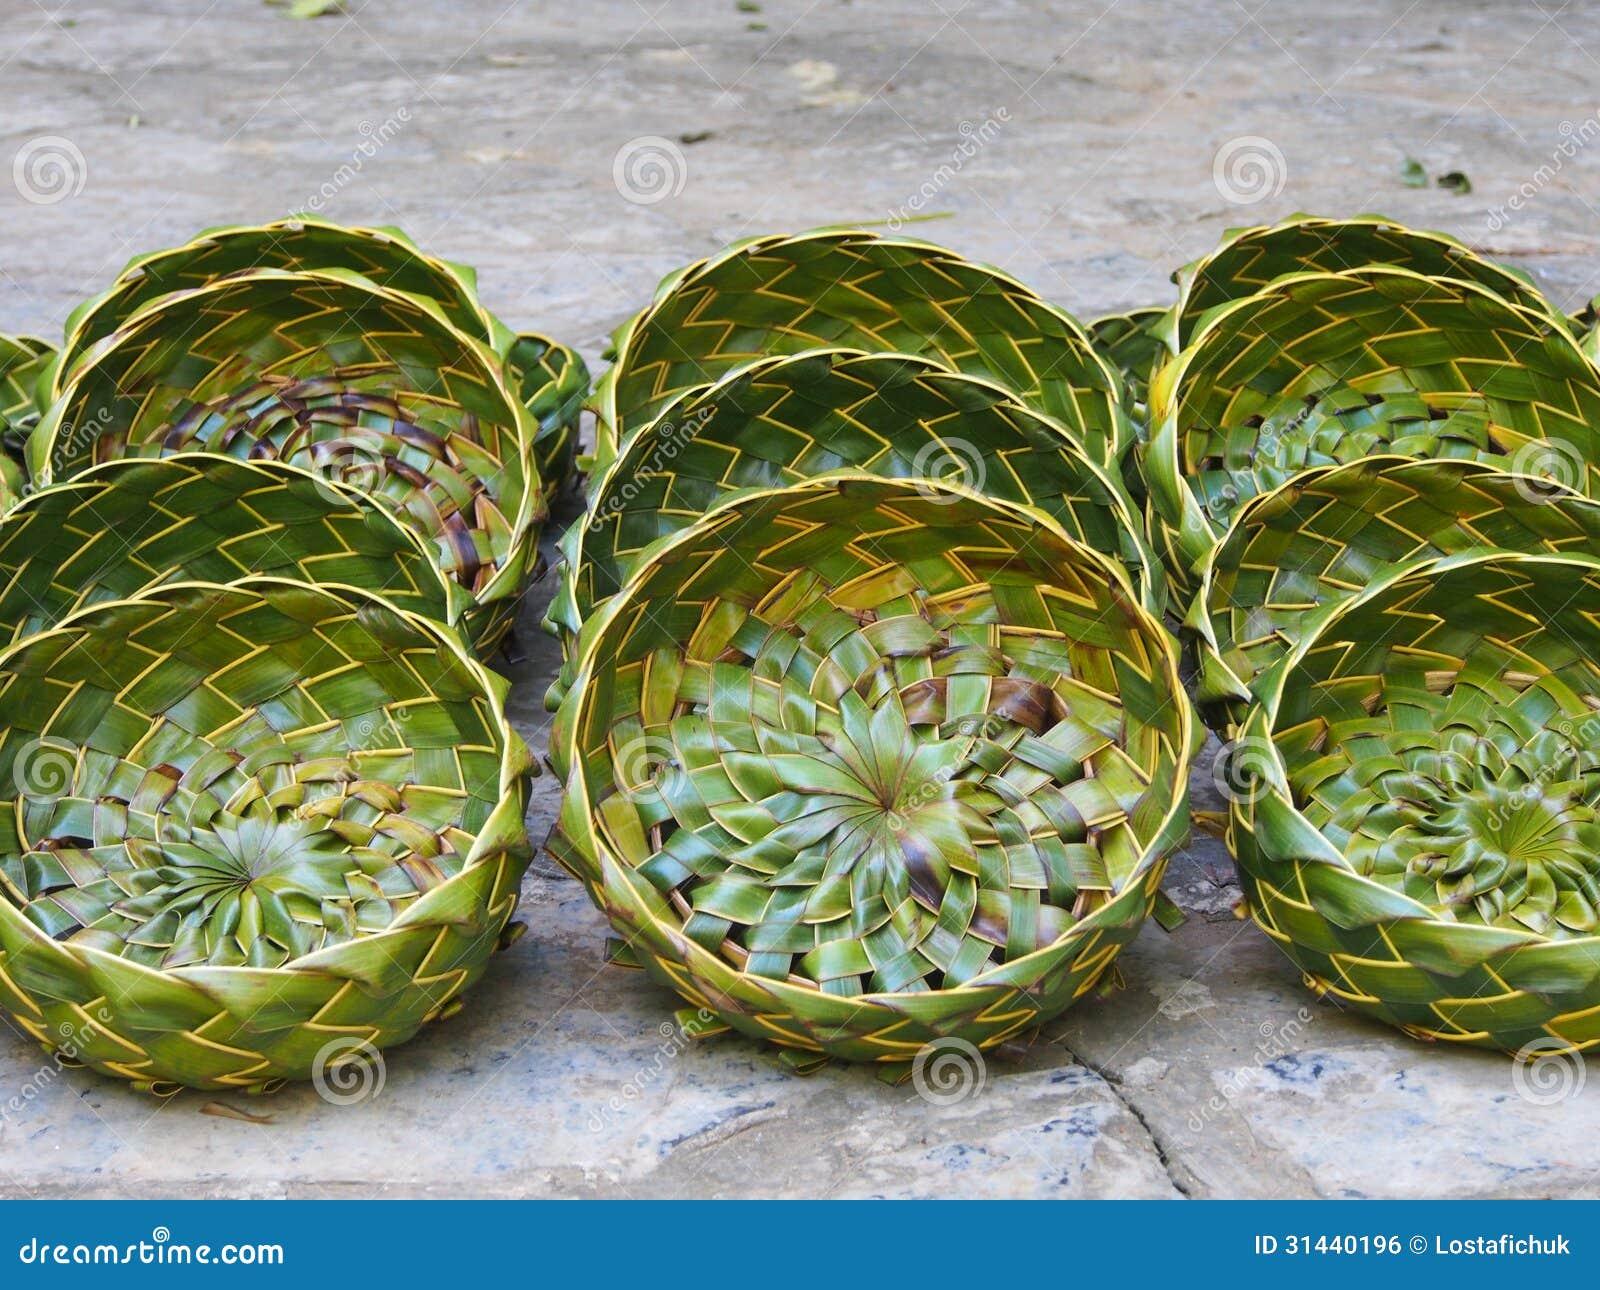 Cestas de hoja de palma handcrafted imagen de archivo - Cestos de palma ...